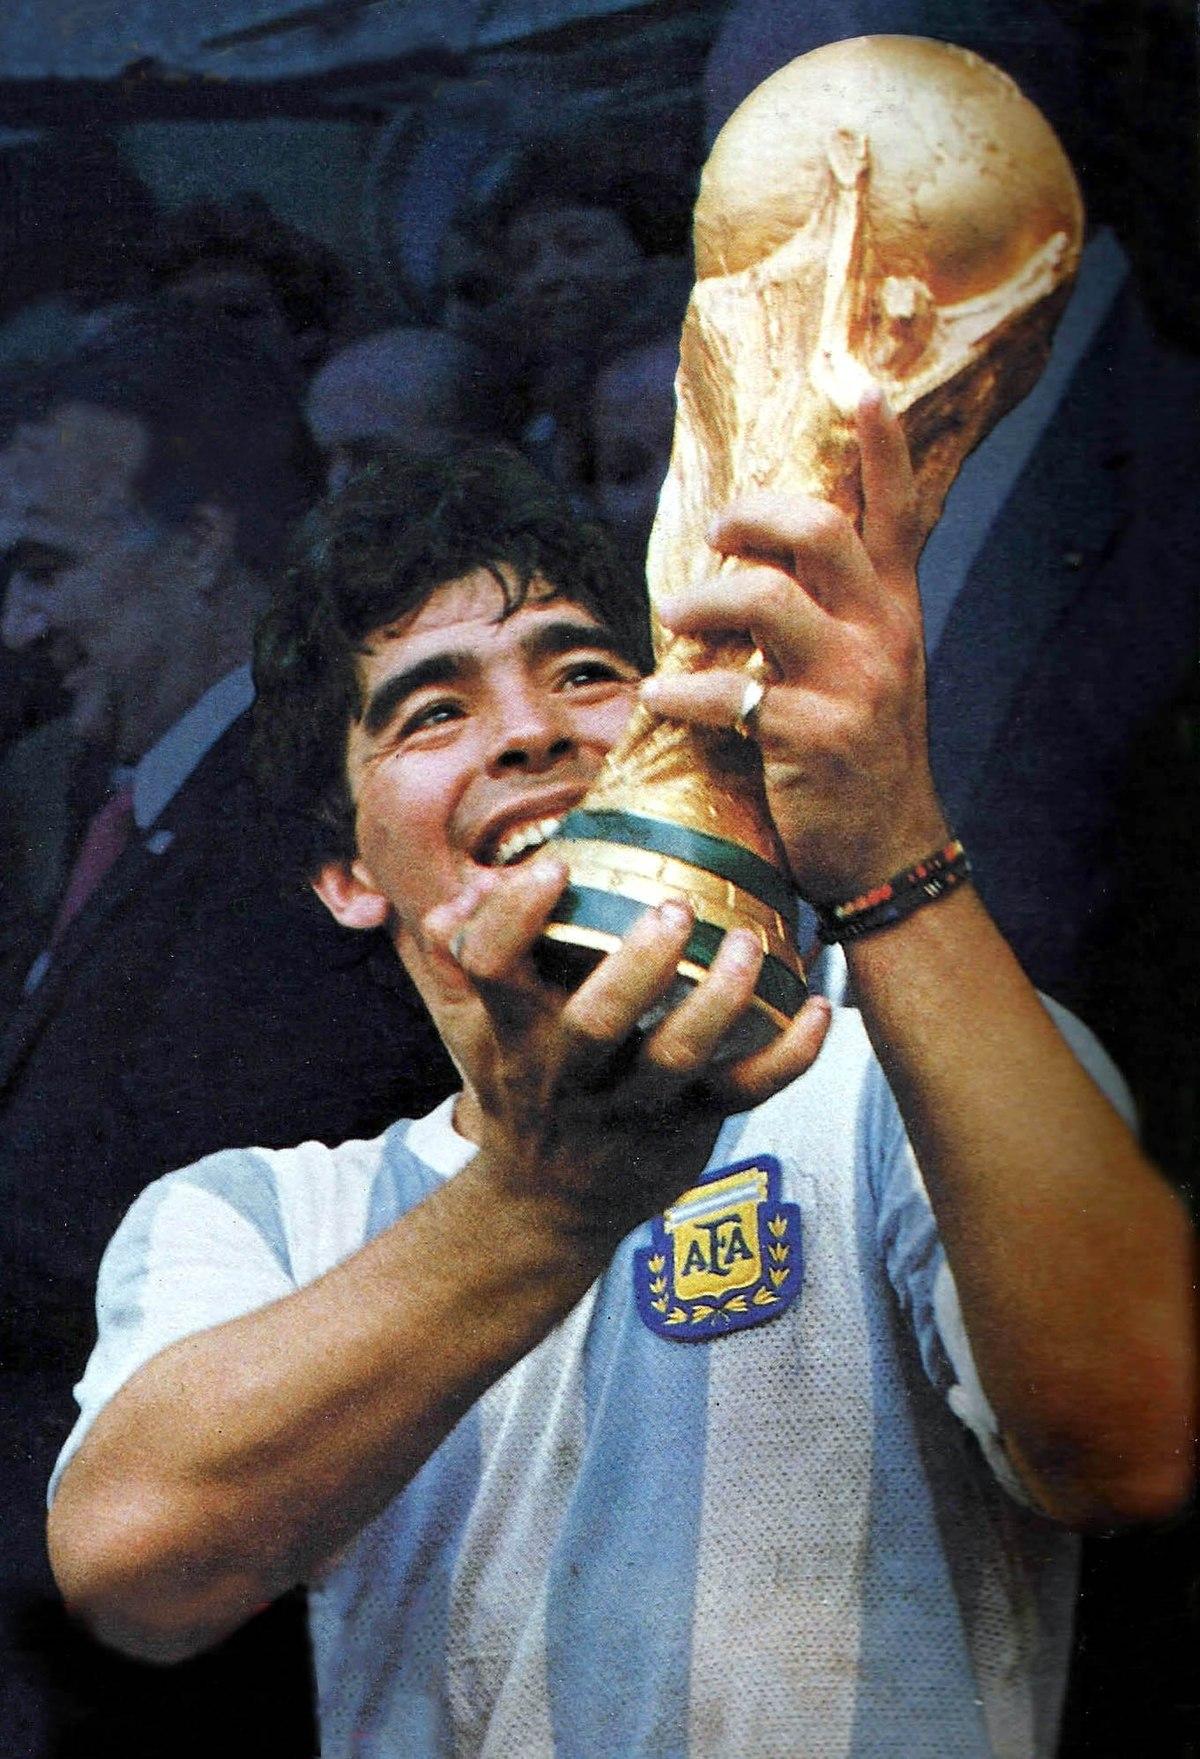 Video   Velatorio de Maradona entre caos y tensión, multitud acude a despedir su ídolo